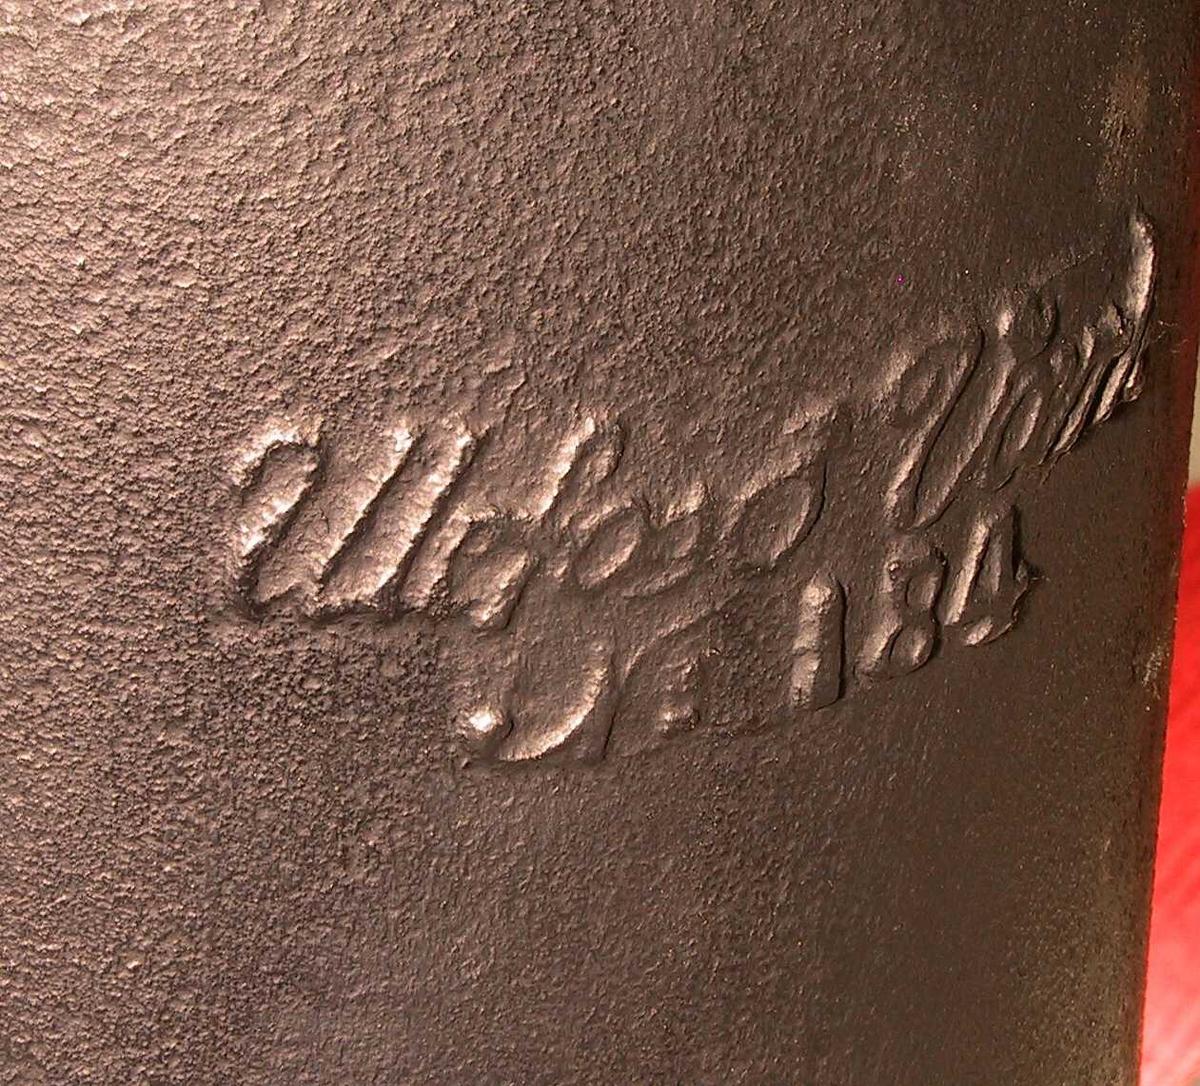 Liten sylinderovn. Støpejern,  på baksiden produsentnavn.  Lavt, kvadratisk postament  m/ avskrådde hjørner, på fronten stor askeskuff m. ventilhull og bøylehank.  På hjørnene festet korte ben i palmett  og C form. Over postamentet sylindrisk fyrkasse, glatt, m.  profilert base og gesims, i fronten  hengslet dør prydet m. lavt relieff  i nyrokokko, svungen kant oppe og nede,  og svunget håndtak m. knott.  Øvre sylinder med mindre diameter, kannelert, på midten tverrbånd m.  relieffornamenter. Øverst gesims  og tunget kant, herover gjennombrutt hvelvet lokk m. stor knapp.  Tilstand 1988 god.